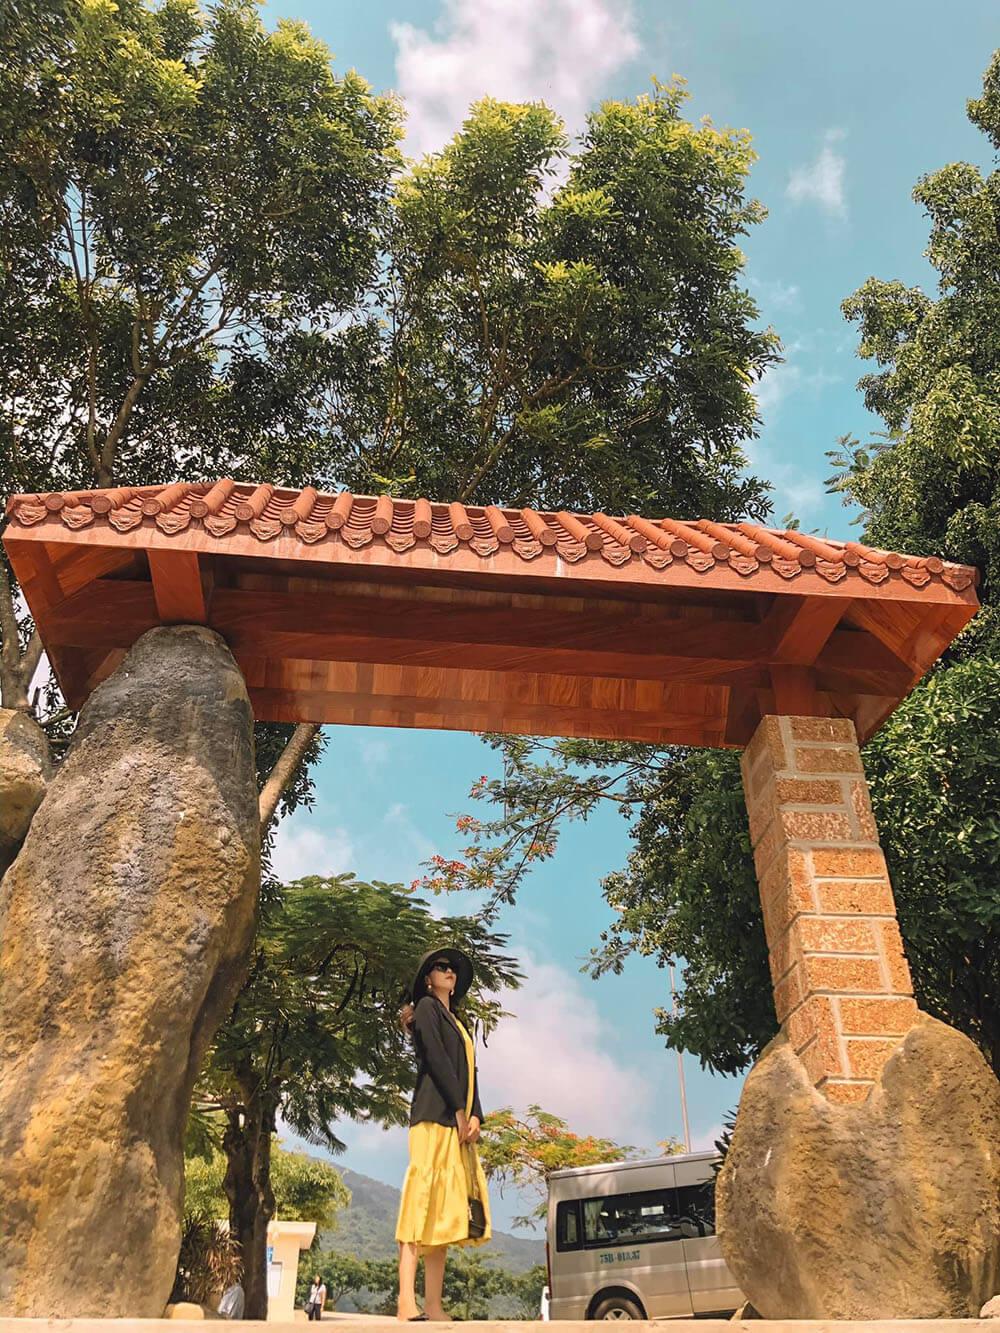 Chua Linh Ung Son Tra Danang Review Hue Da Nang Hoi An Ninh Binh 7n7d Chi Voi 8 Trieu Tin Duoc Khong 01